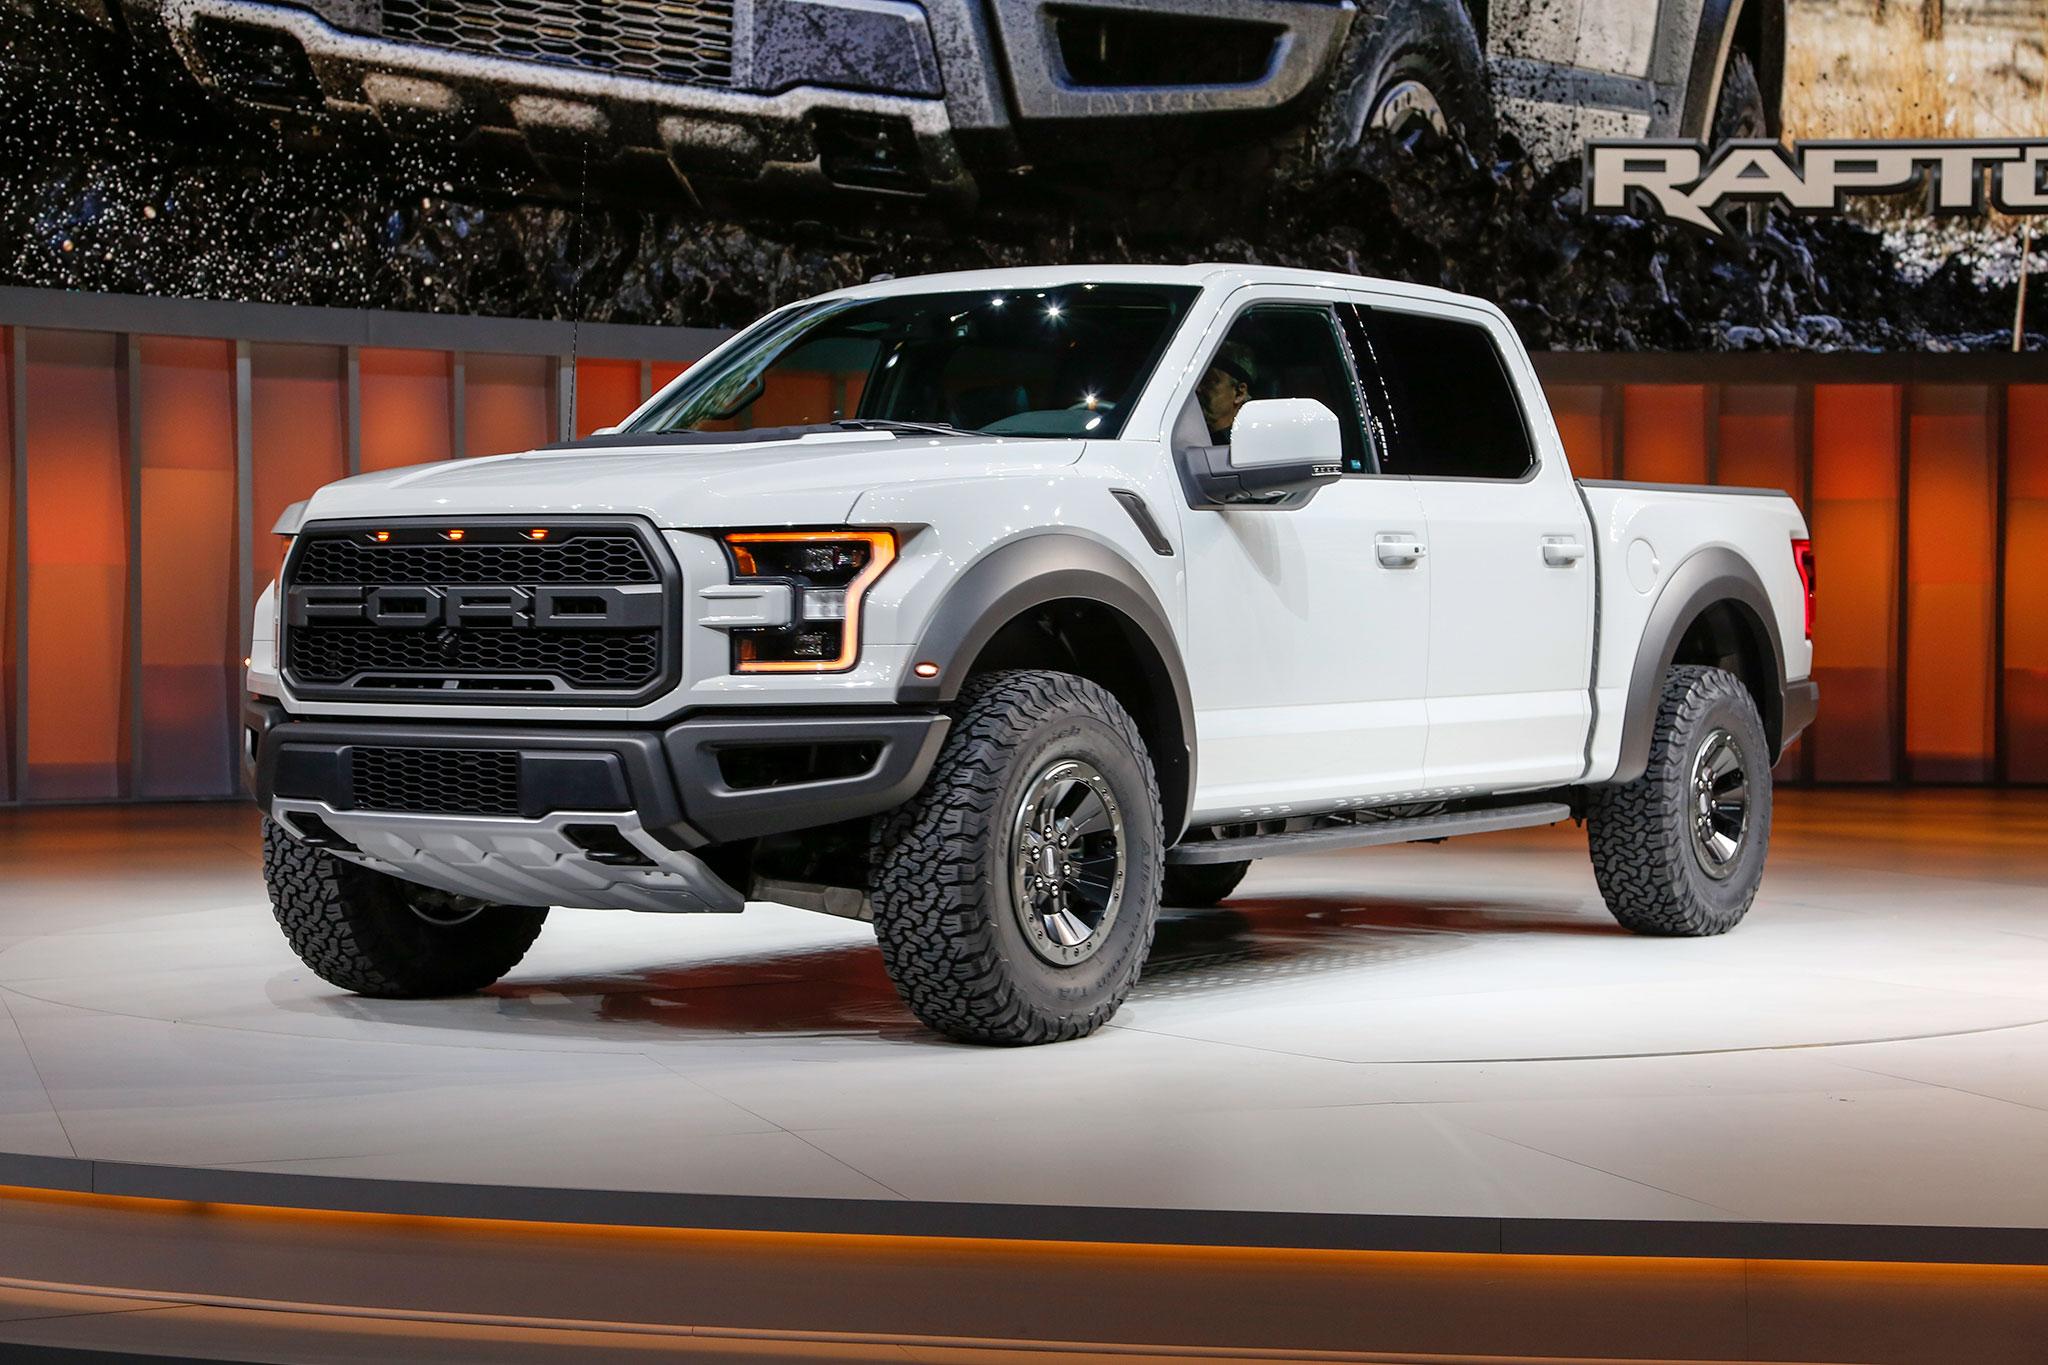 2017 Ford F 150 3 5 Liter Raptor Models Add Engine Stop Start